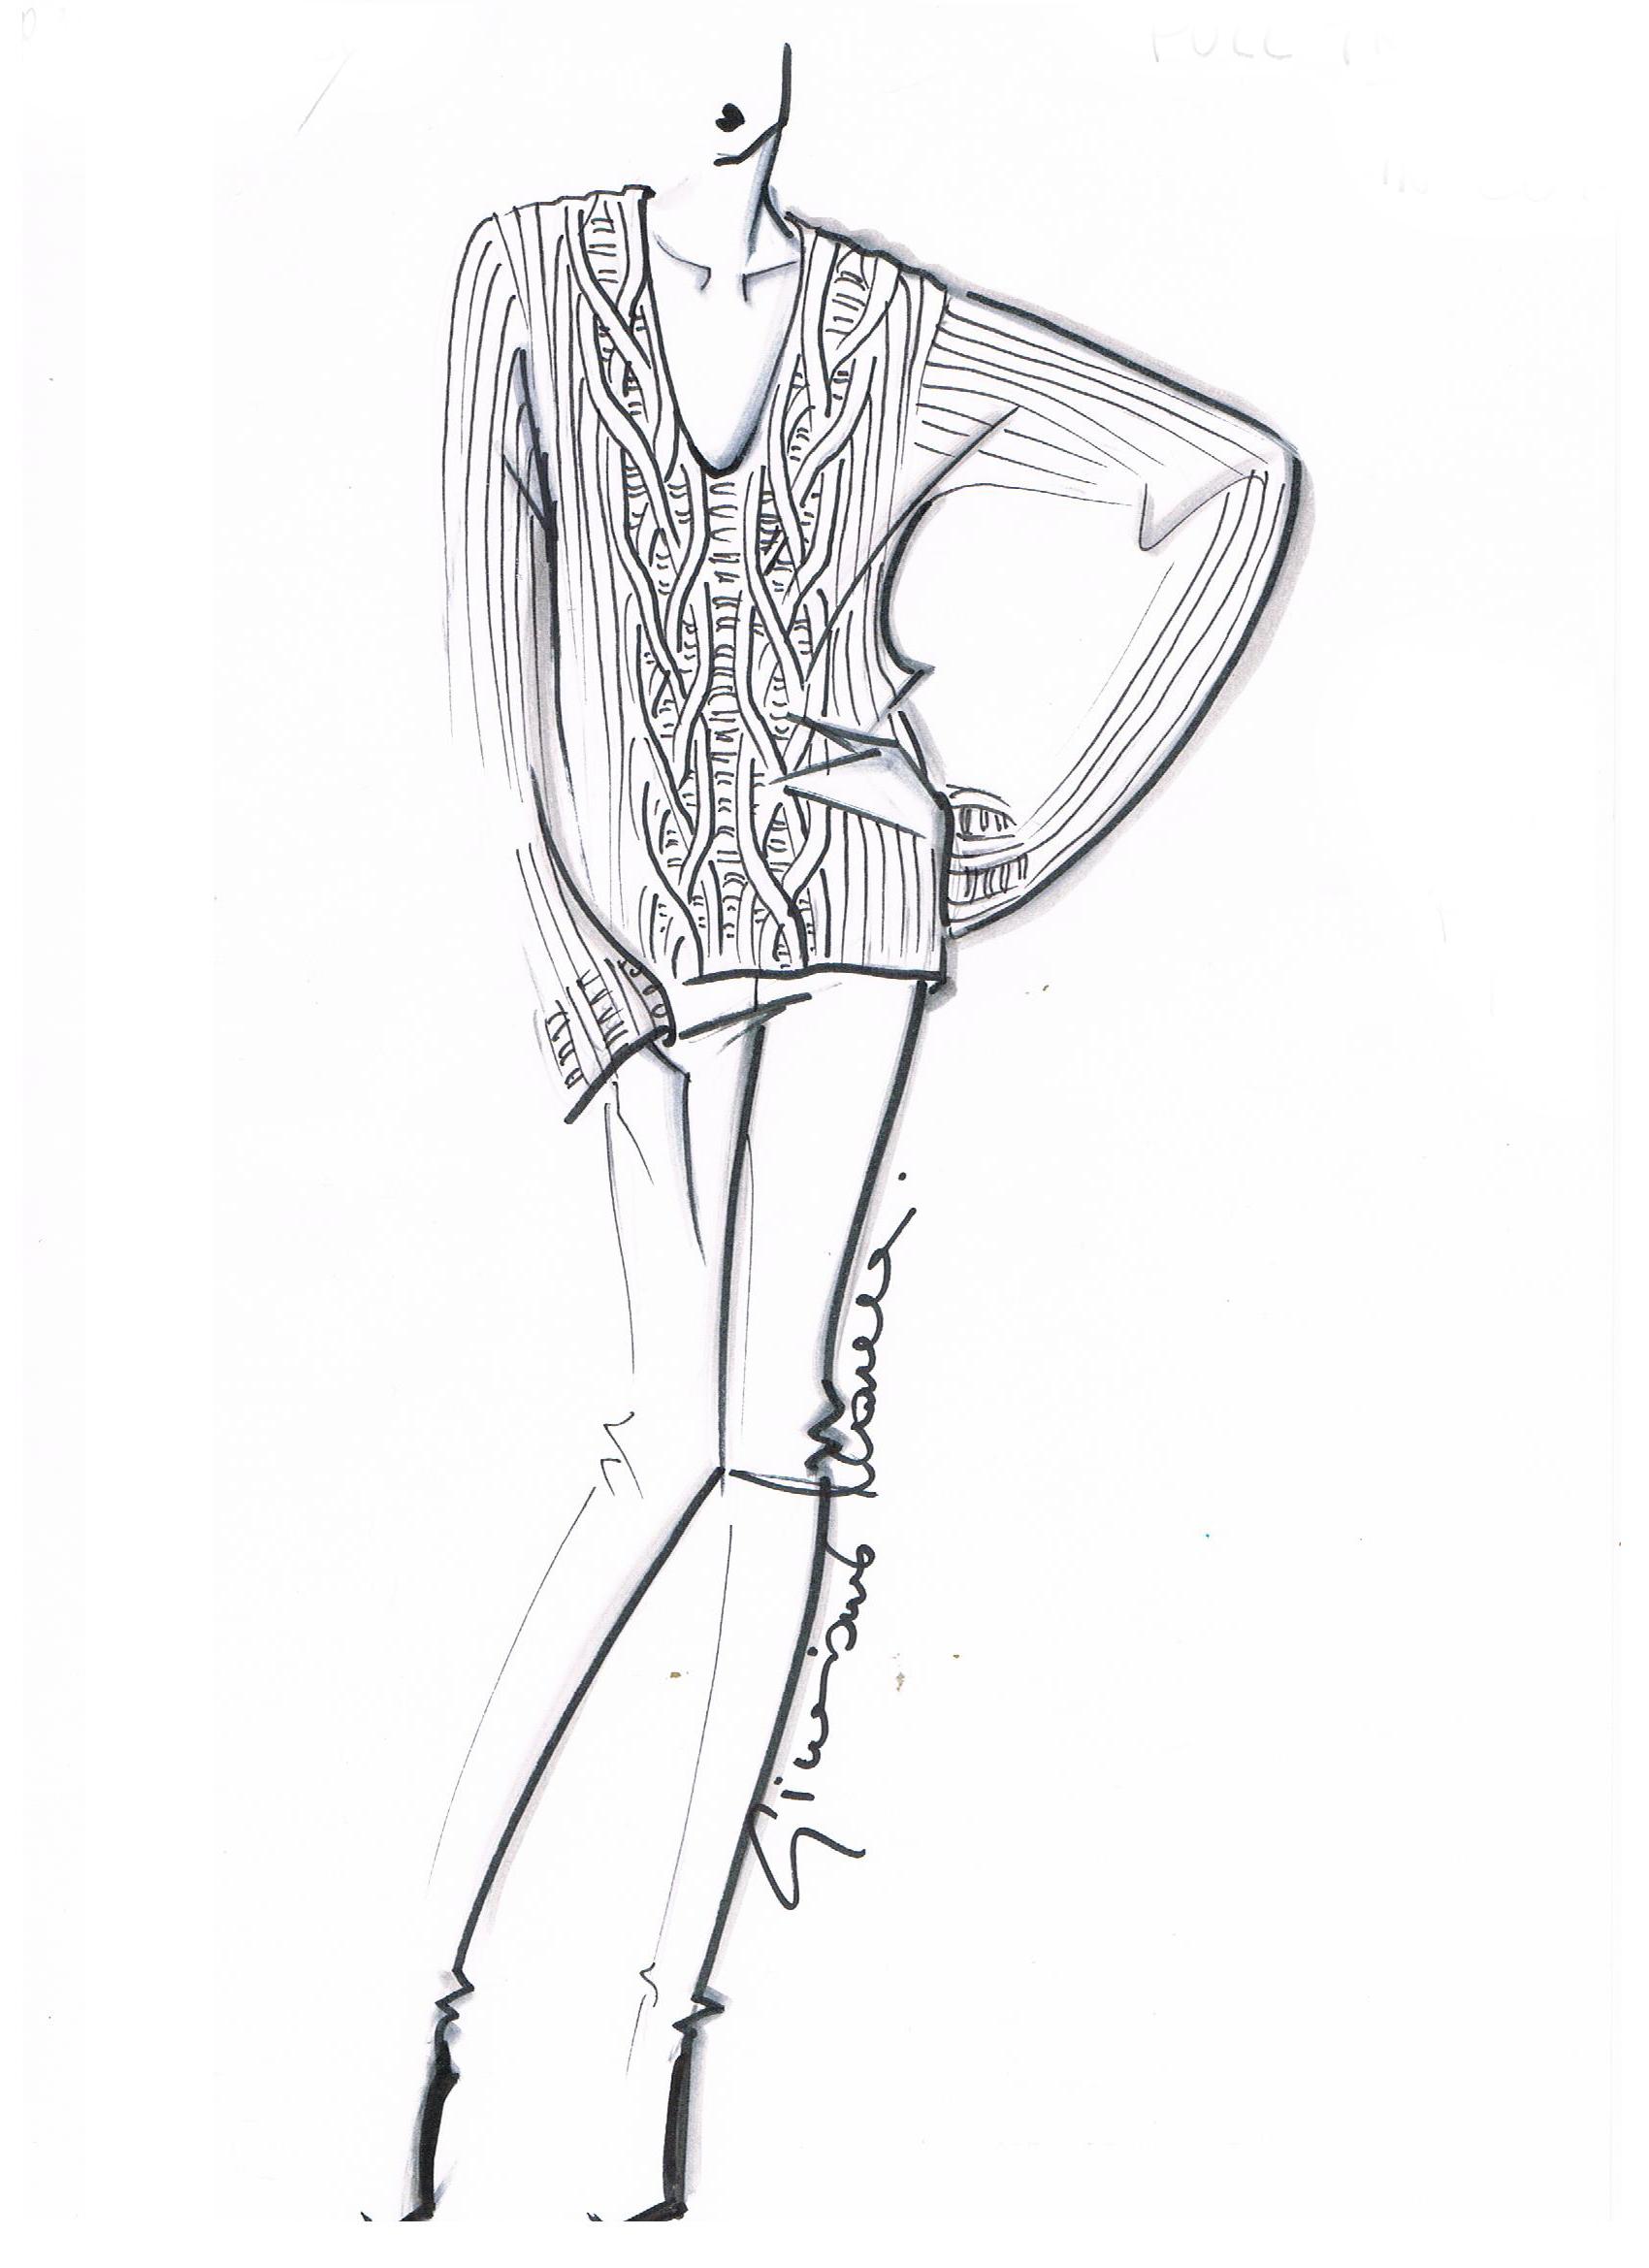 Giuliano&GiusyMarelli_Figurino_Pull Sabbia_Knit 'd' Crochet Collection.jpg